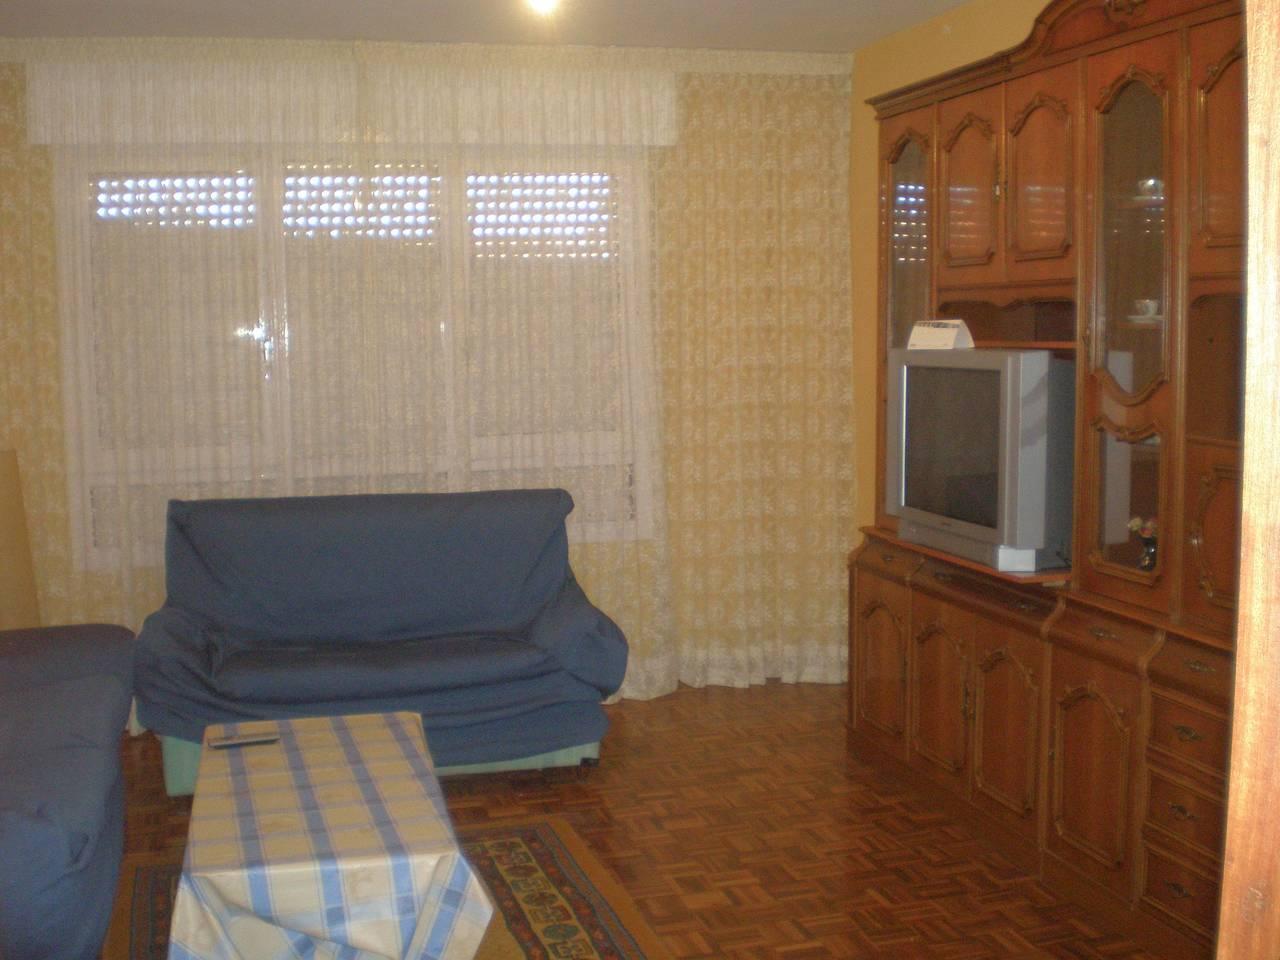 en soria se alquilan una habitacion en piso compartido  - Foto 7